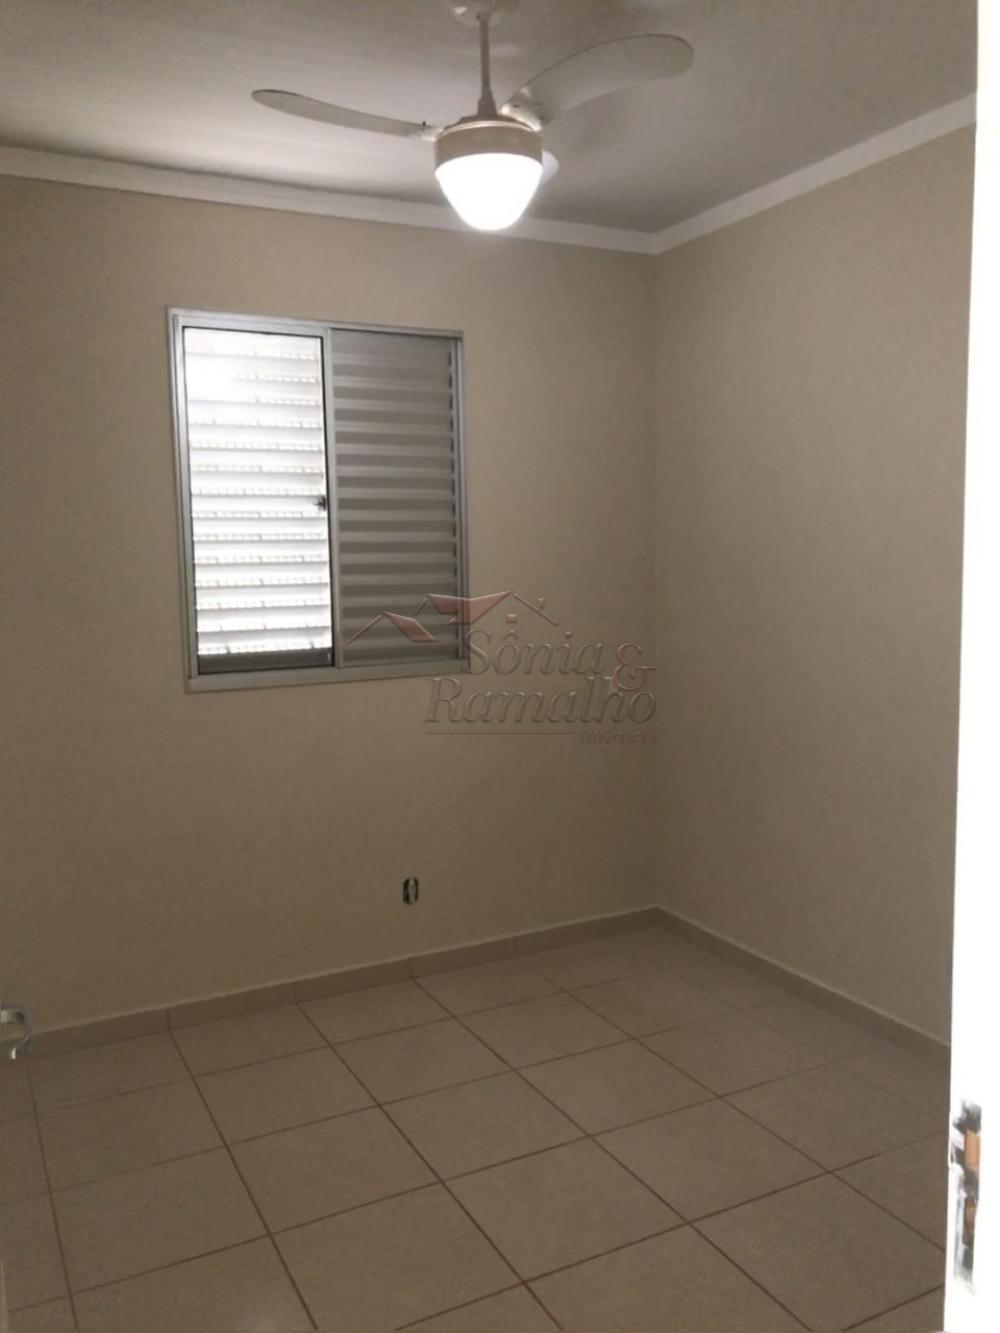 Comprar Apartamentos / Padrão em Ribeirão Preto apenas R$ 280.000,00 - Foto 14